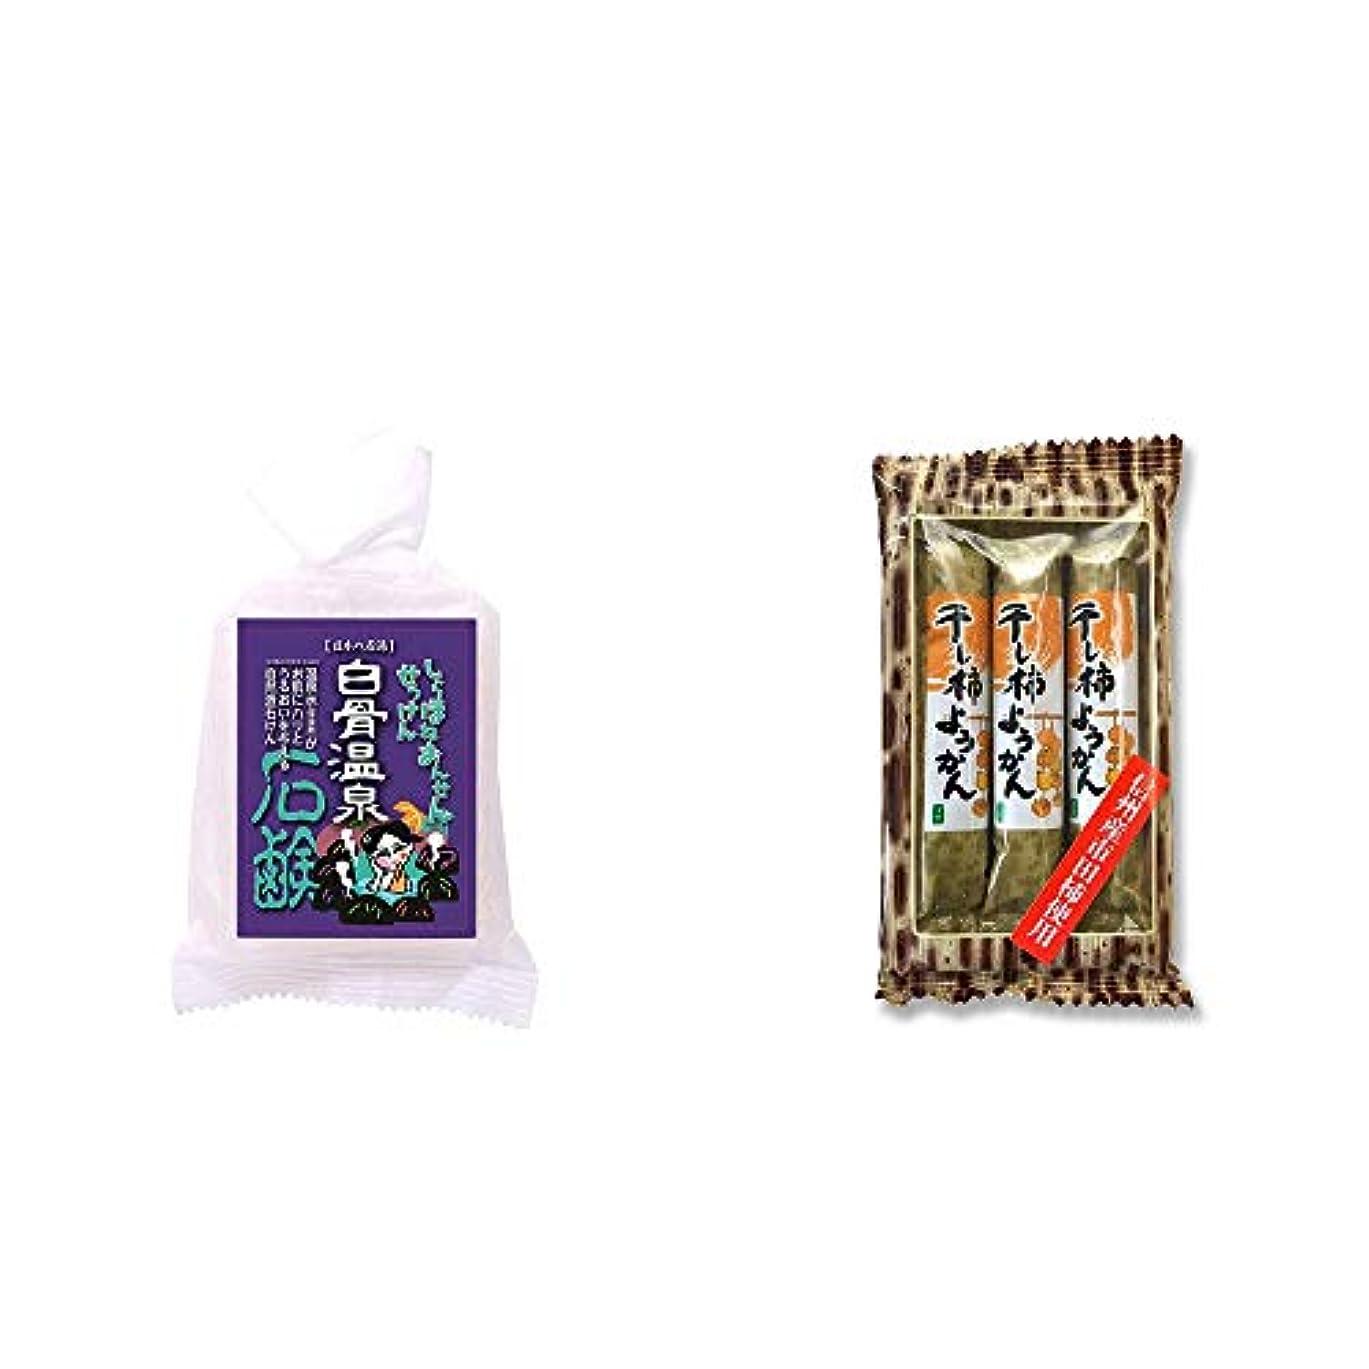 光沢ソーセージ集団的[2点セット] 信州 白骨温泉石鹸(80g)?信州産市田柿使用 スティックようかん[柿](50g×3本)